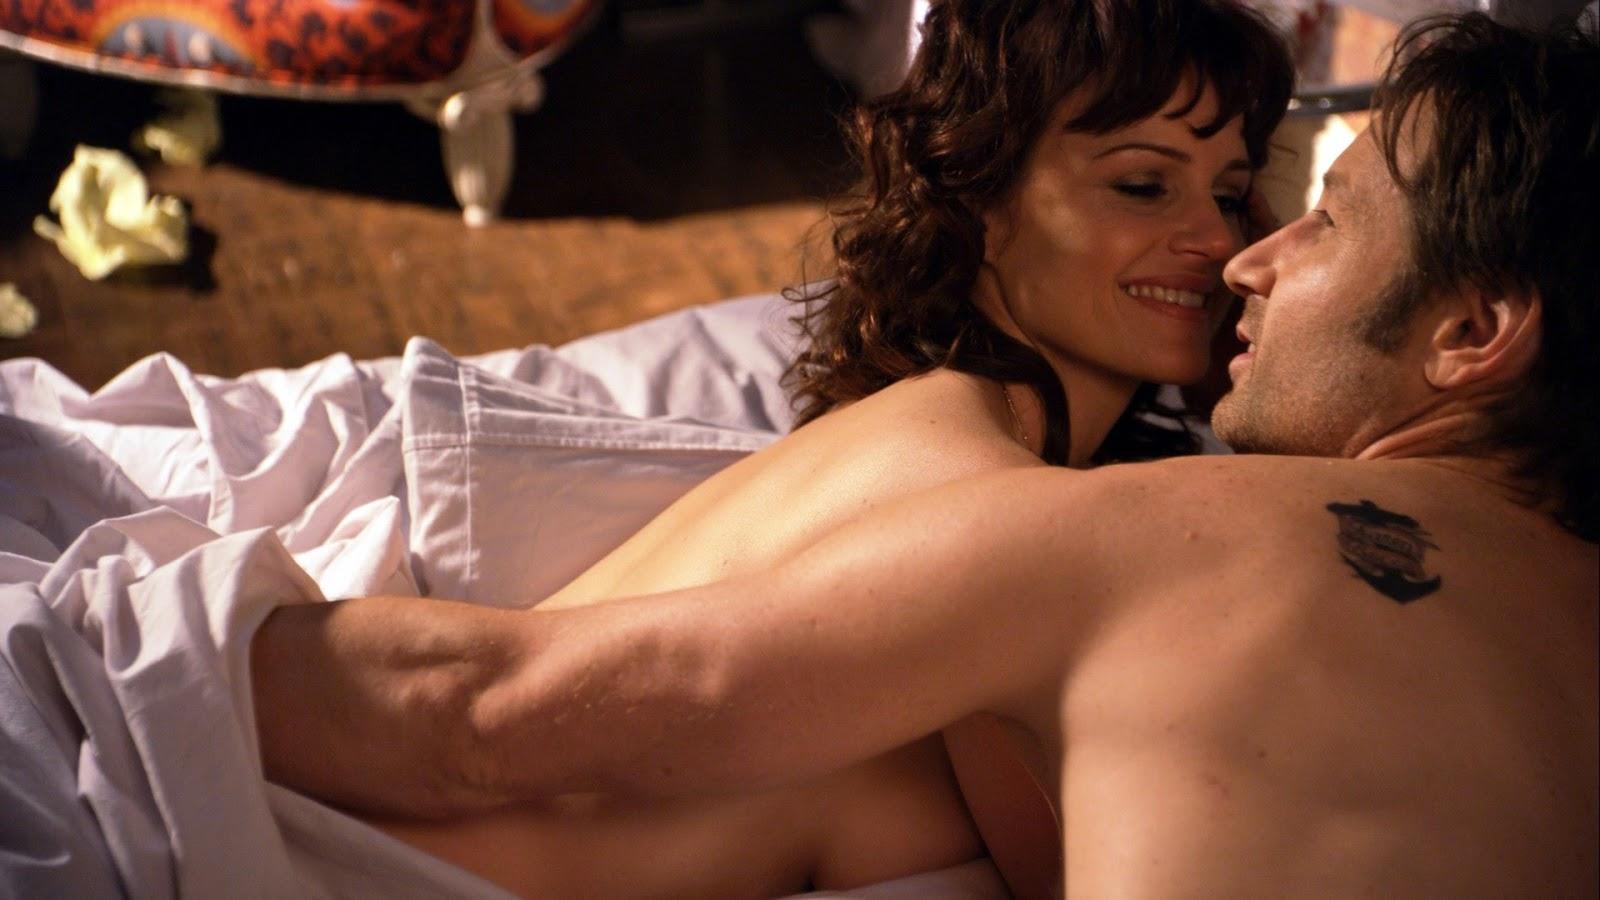 Carla gugino having sex